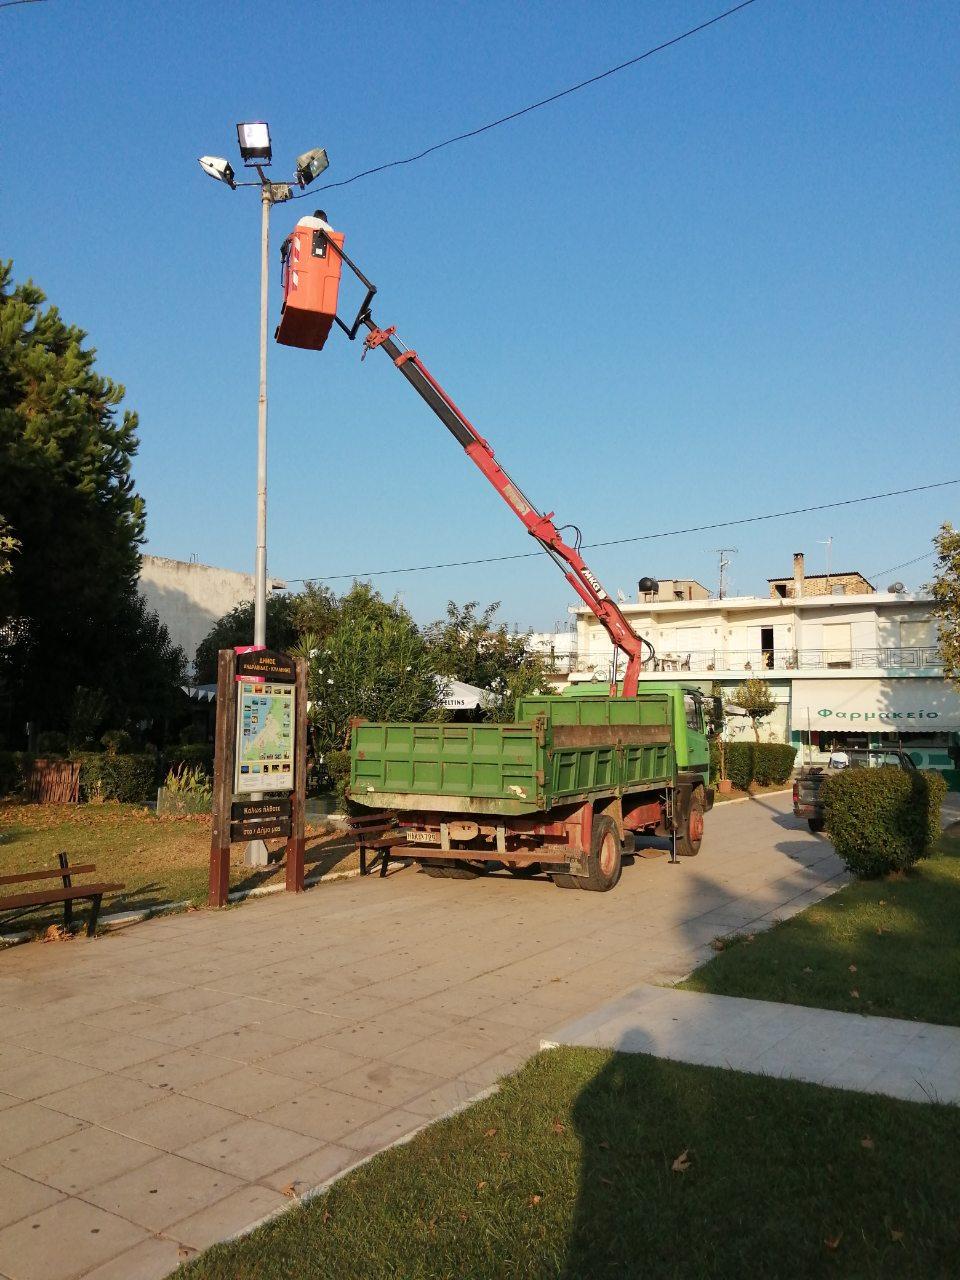 Δήμος Ανδραβίδας-Κυλλήνης: Αλλάζει προς το καλύτερο η εικόνα του Δήμου- Στο επίκεντρο η καθημερινότητα του πολίτη (photos)